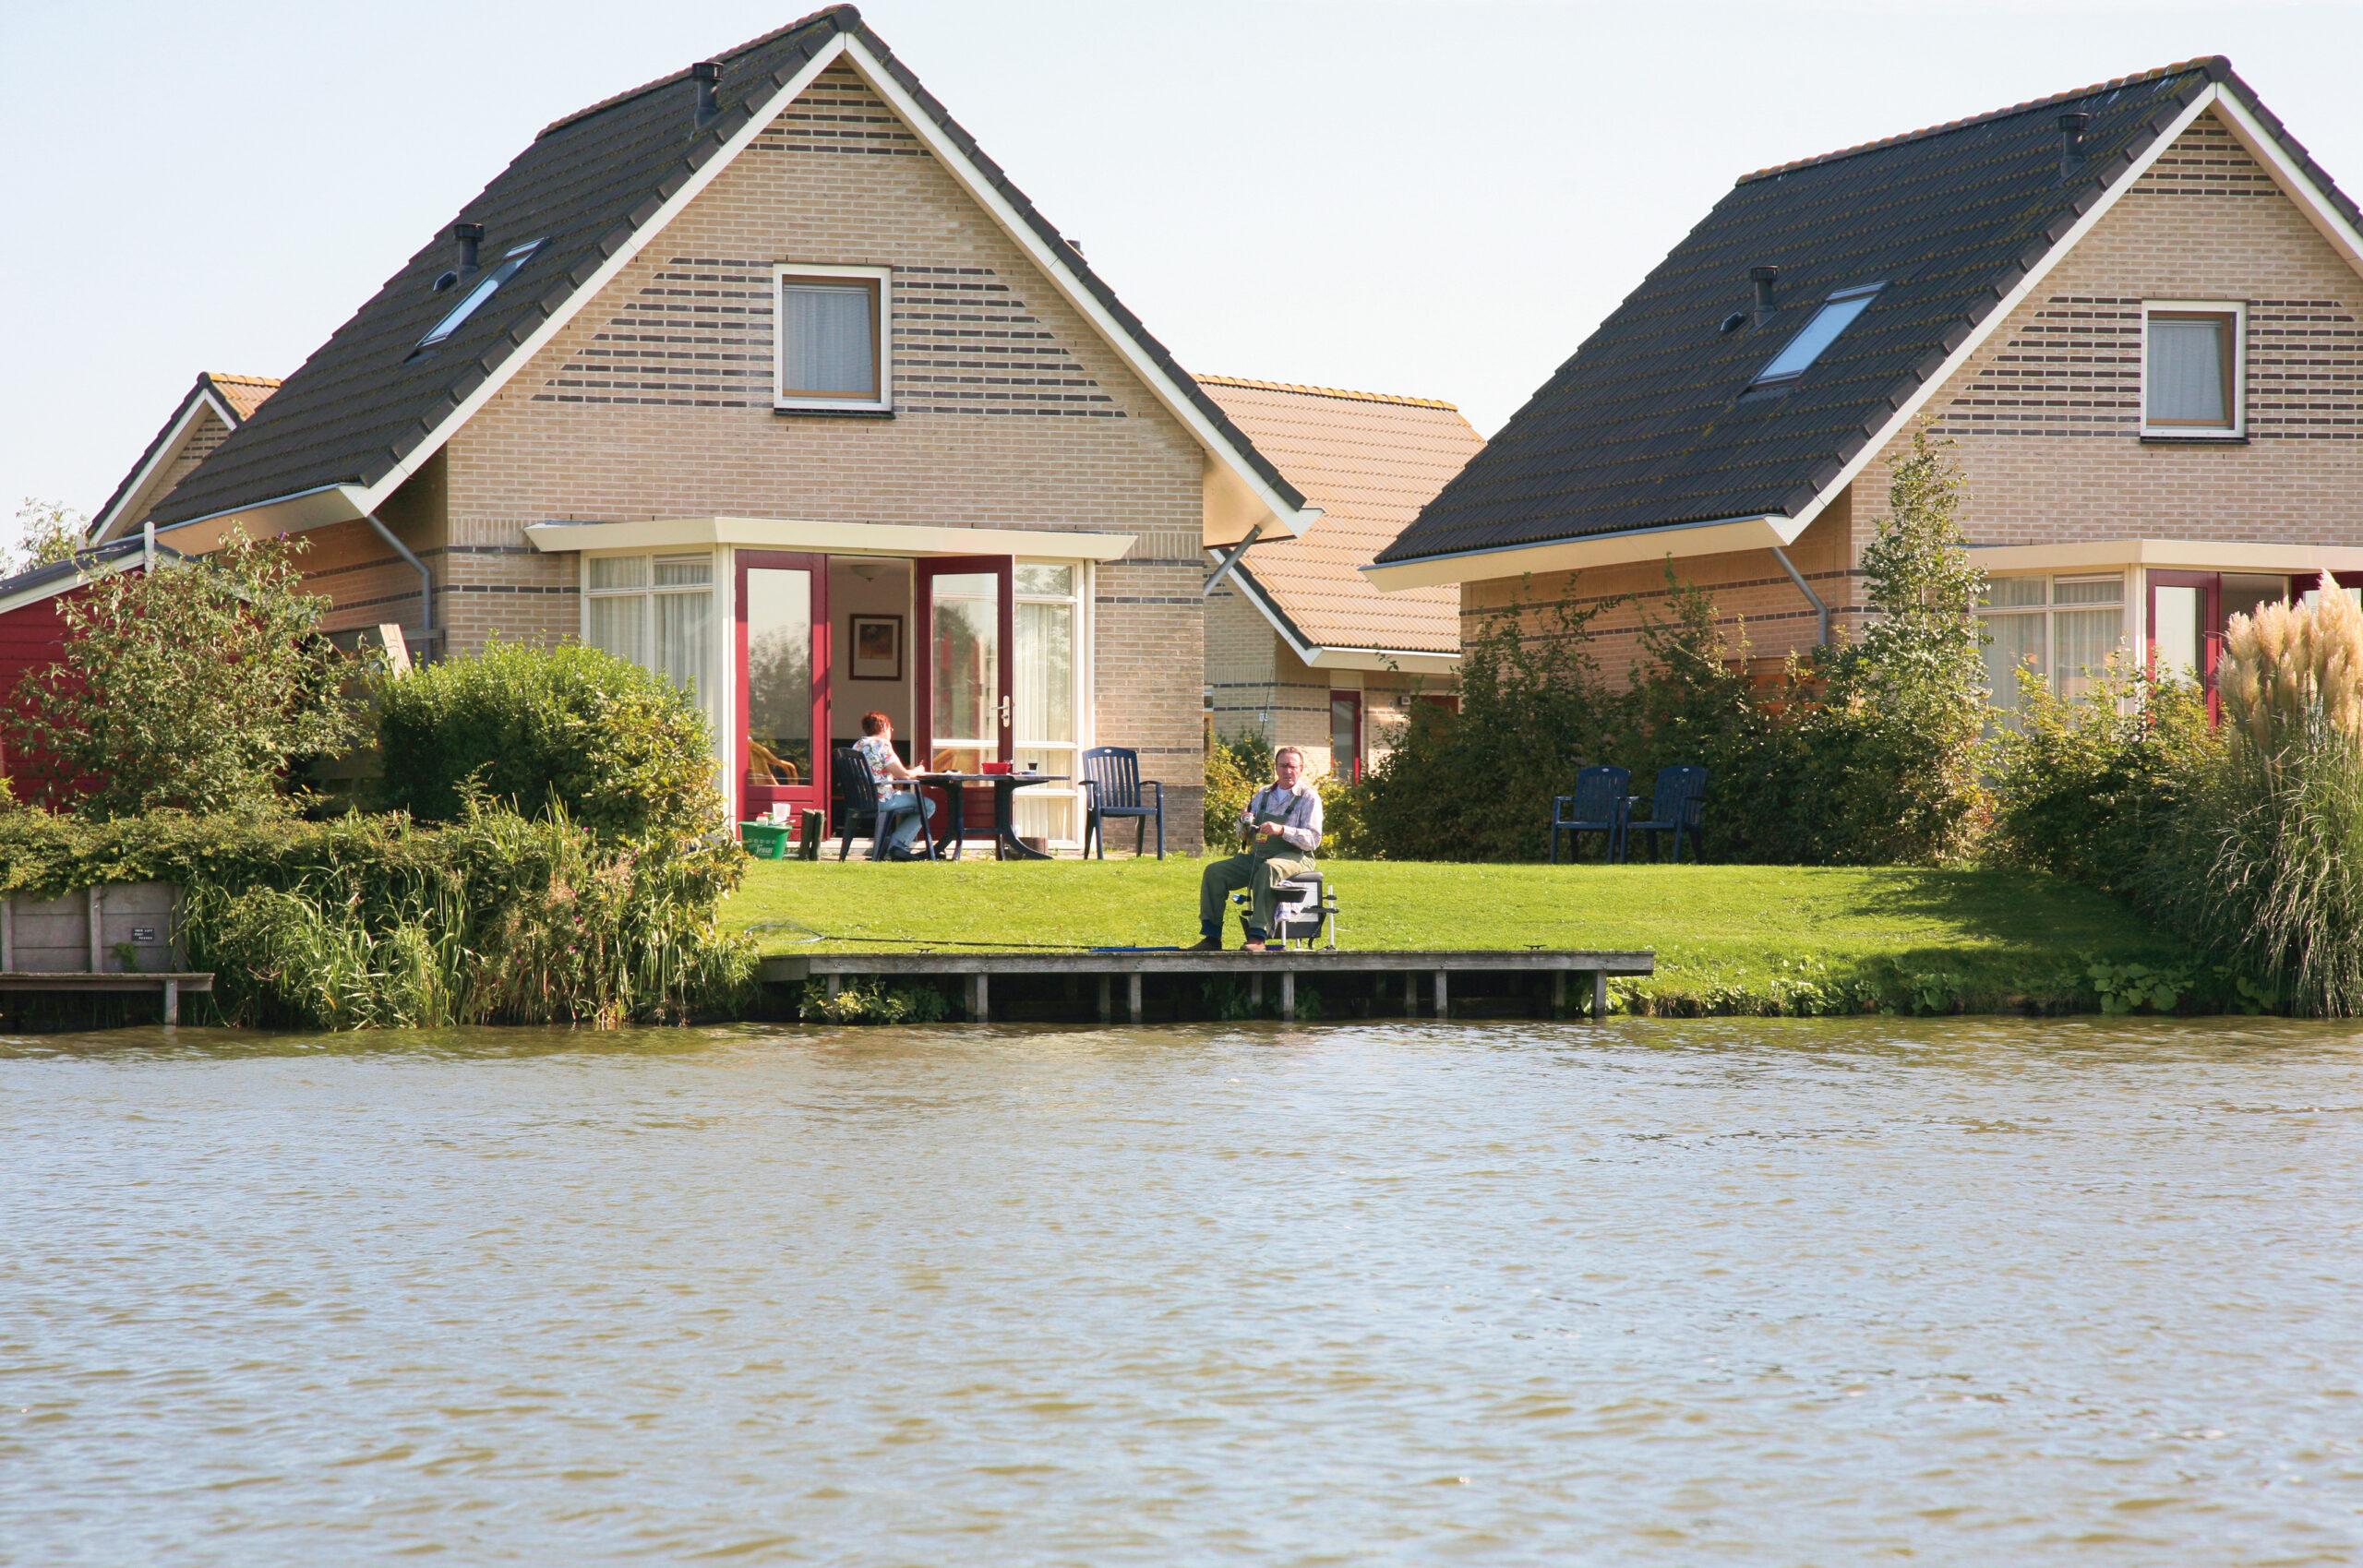 visvakantie nederland met huisje